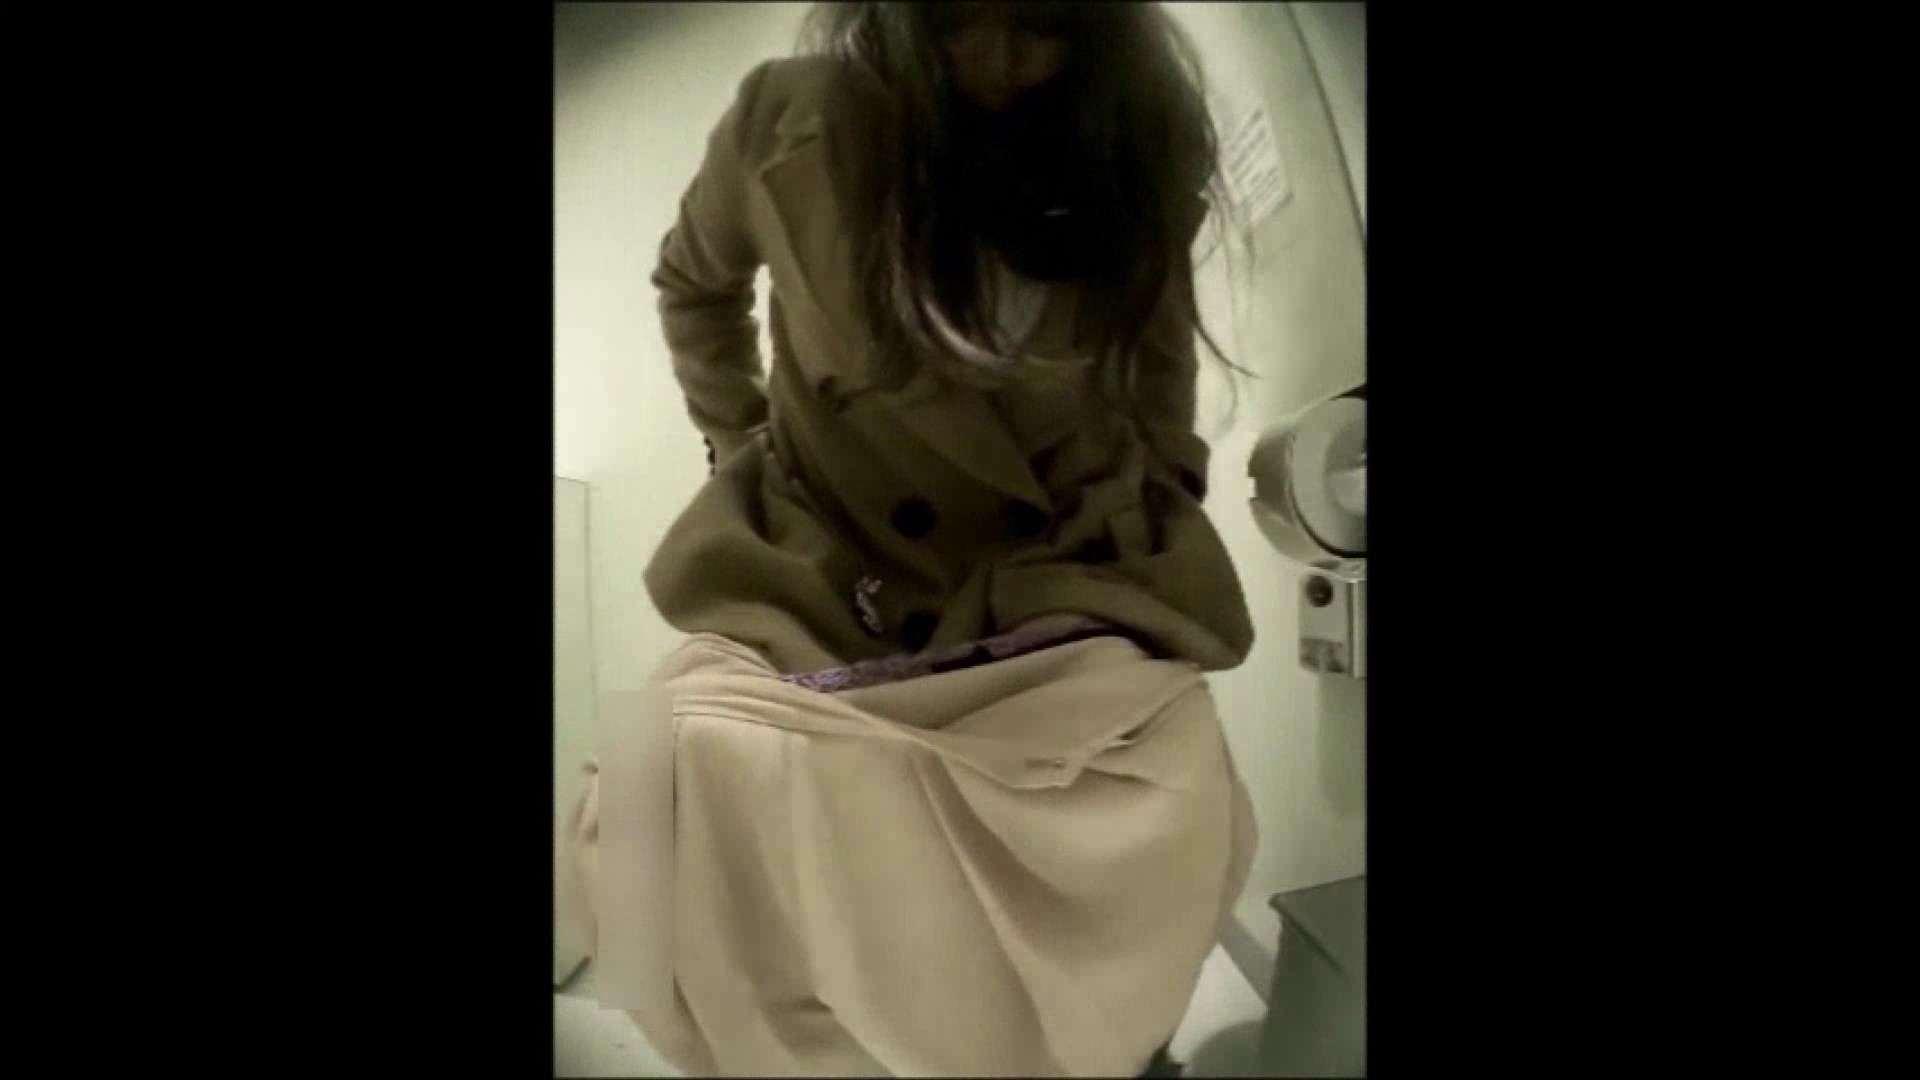 洗面所盗撮~隣の美人お姉さんVol.15 お姉さんのエッチ すけべAV動画紹介 72PIX 19